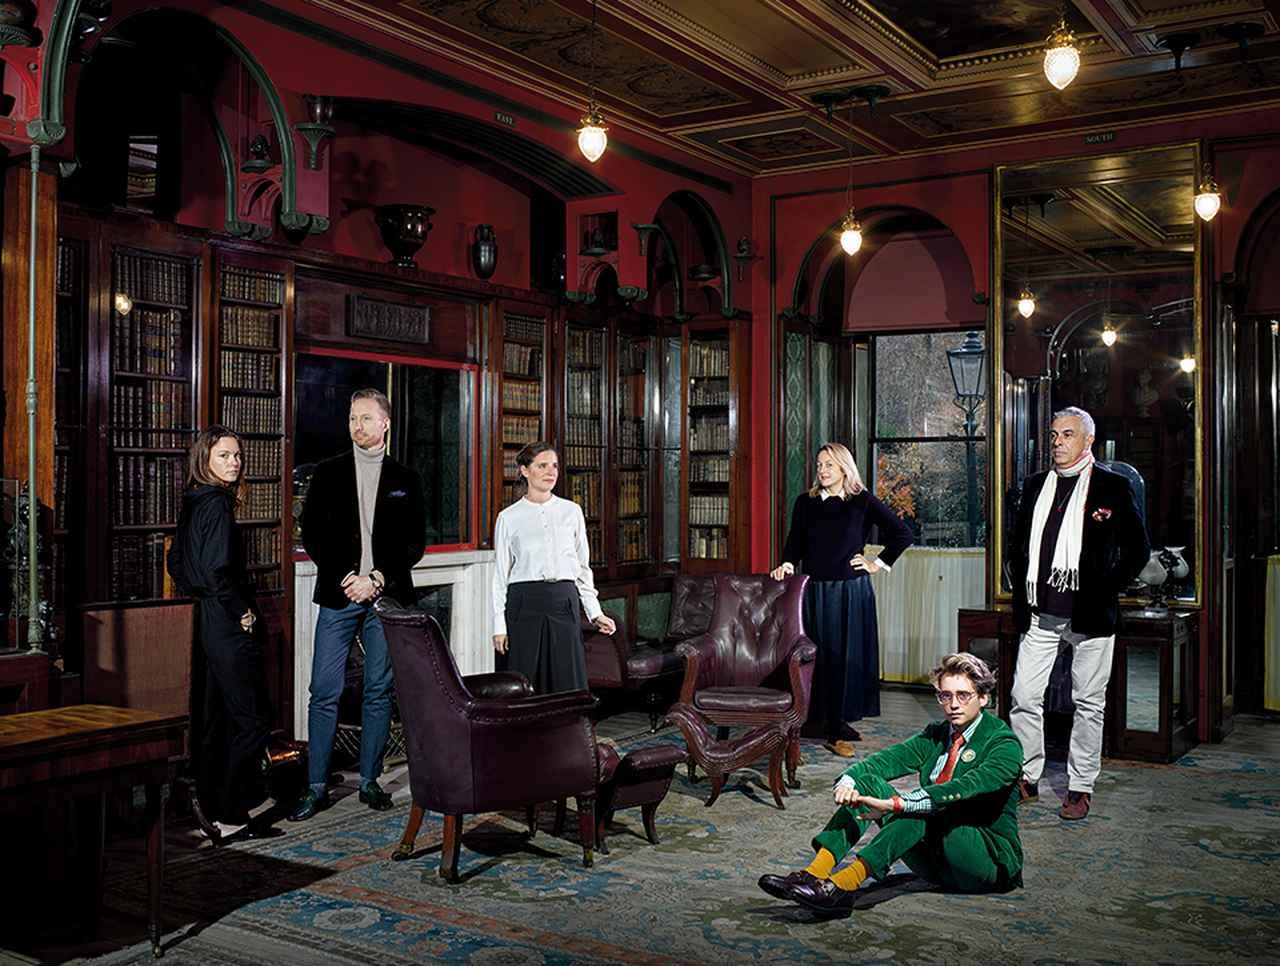 Images : 1番目の画像 - 「まるで色と模様の玉手箱! 英国インテリア・デザイナーたちの 過剰で過激な美意識」のアルバム - T JAPAN:The New York Times Style Magazine 公式サイト